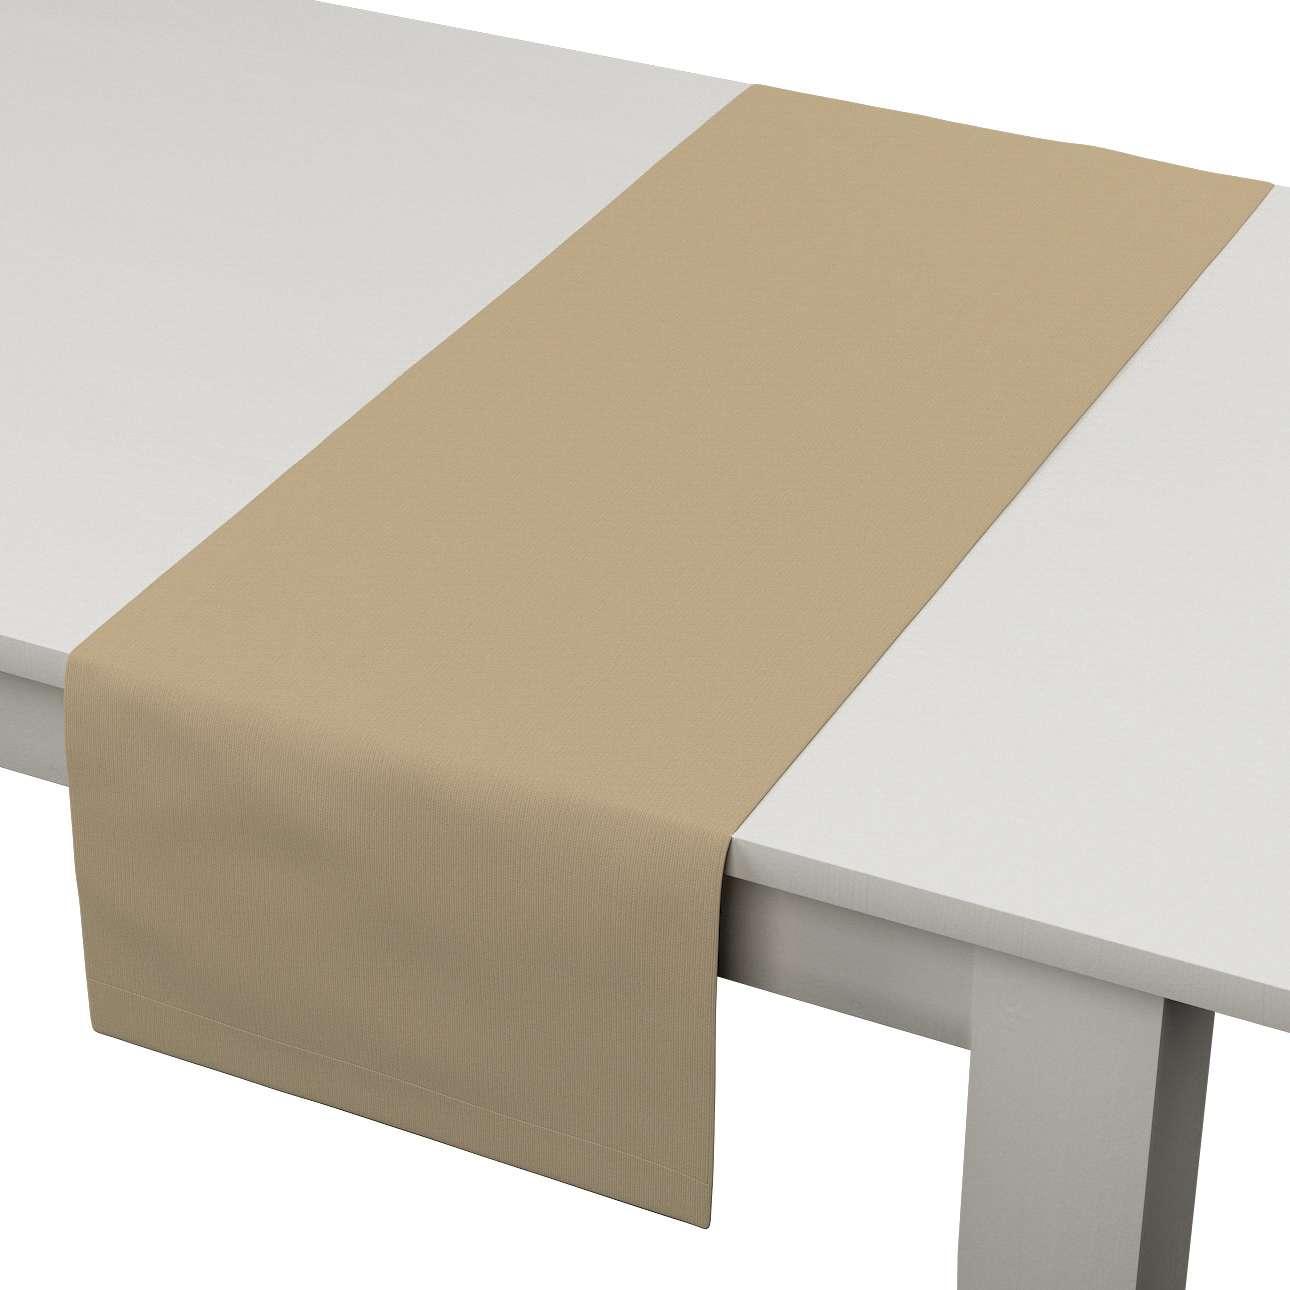 Rechteckiger Tischläufer 40 x 130 cm von der Kollektion Cotton Panama, Stoff: 702-01